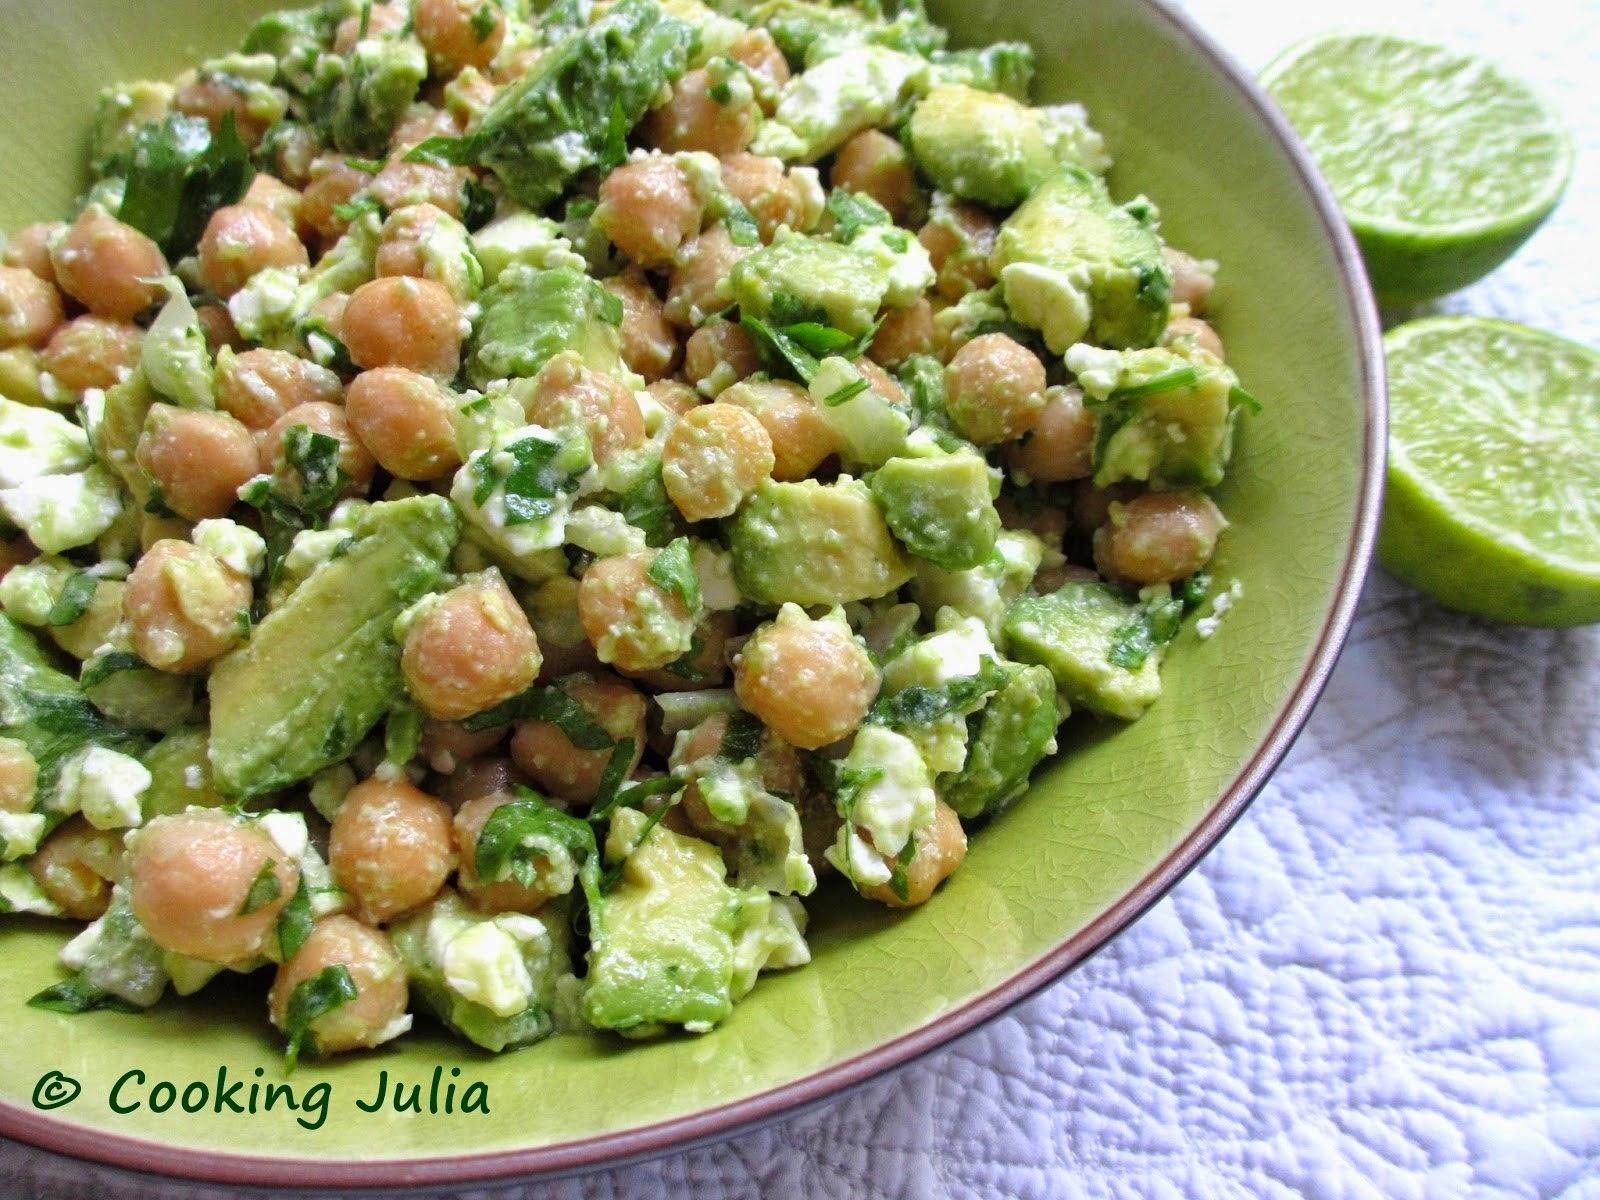 Cooking Julia Salade De Pois Chiches Avocat Et Feta